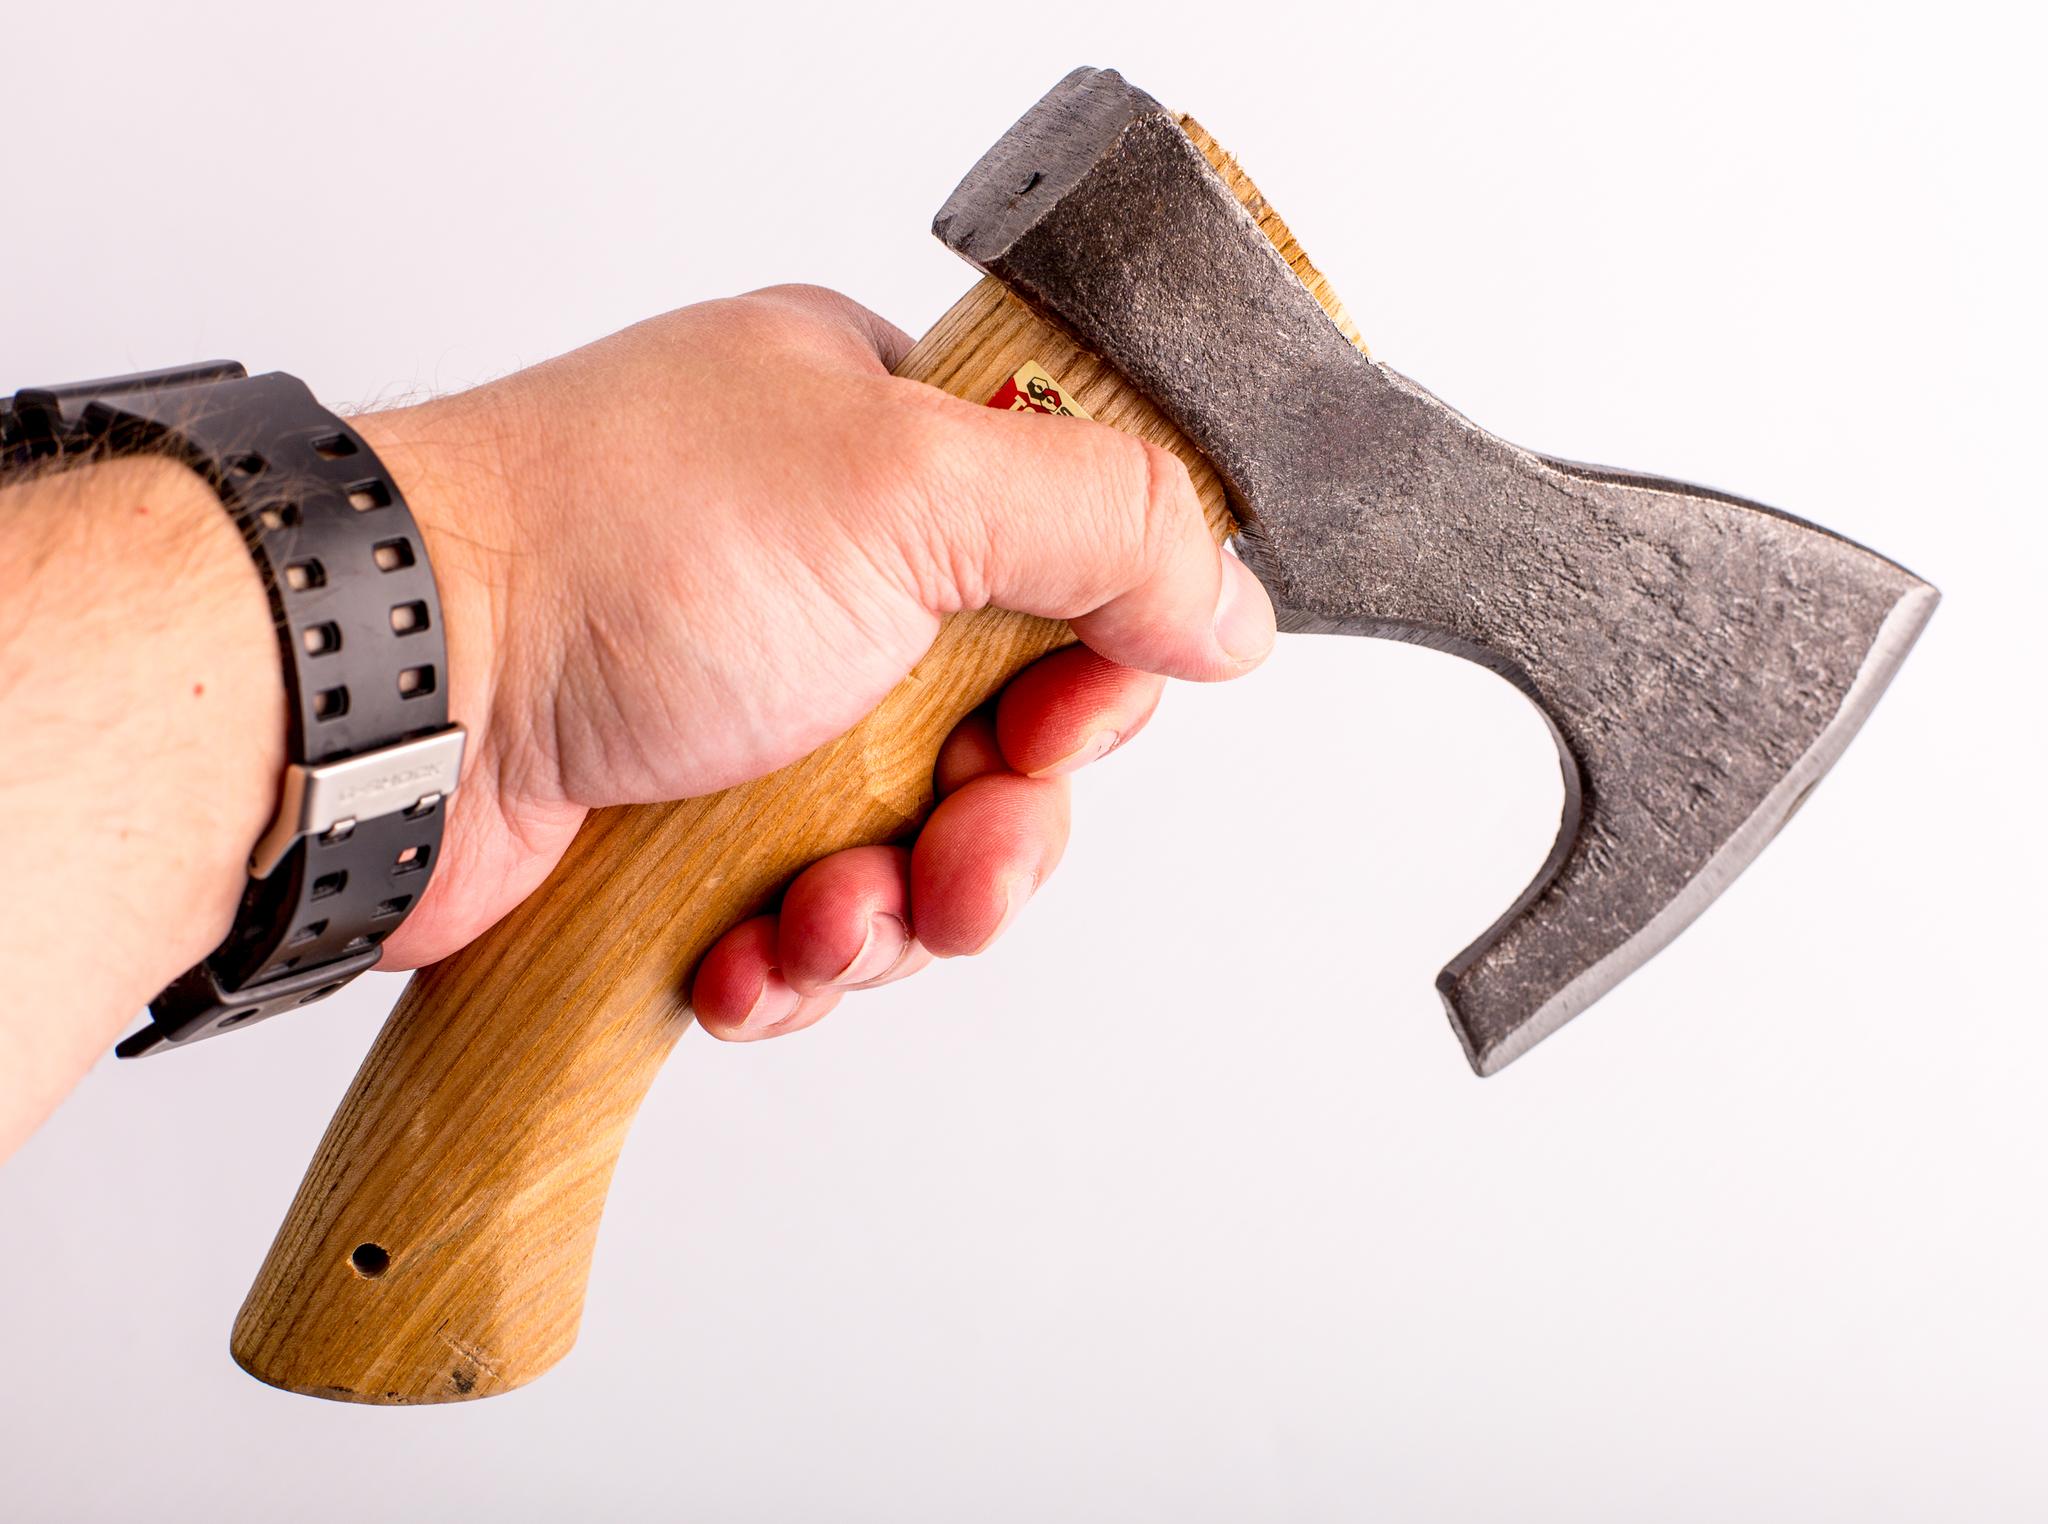 Мини Топор Удалец, 520 гр. топор иж мясорубный с деревянной рукояткой 2 4кг